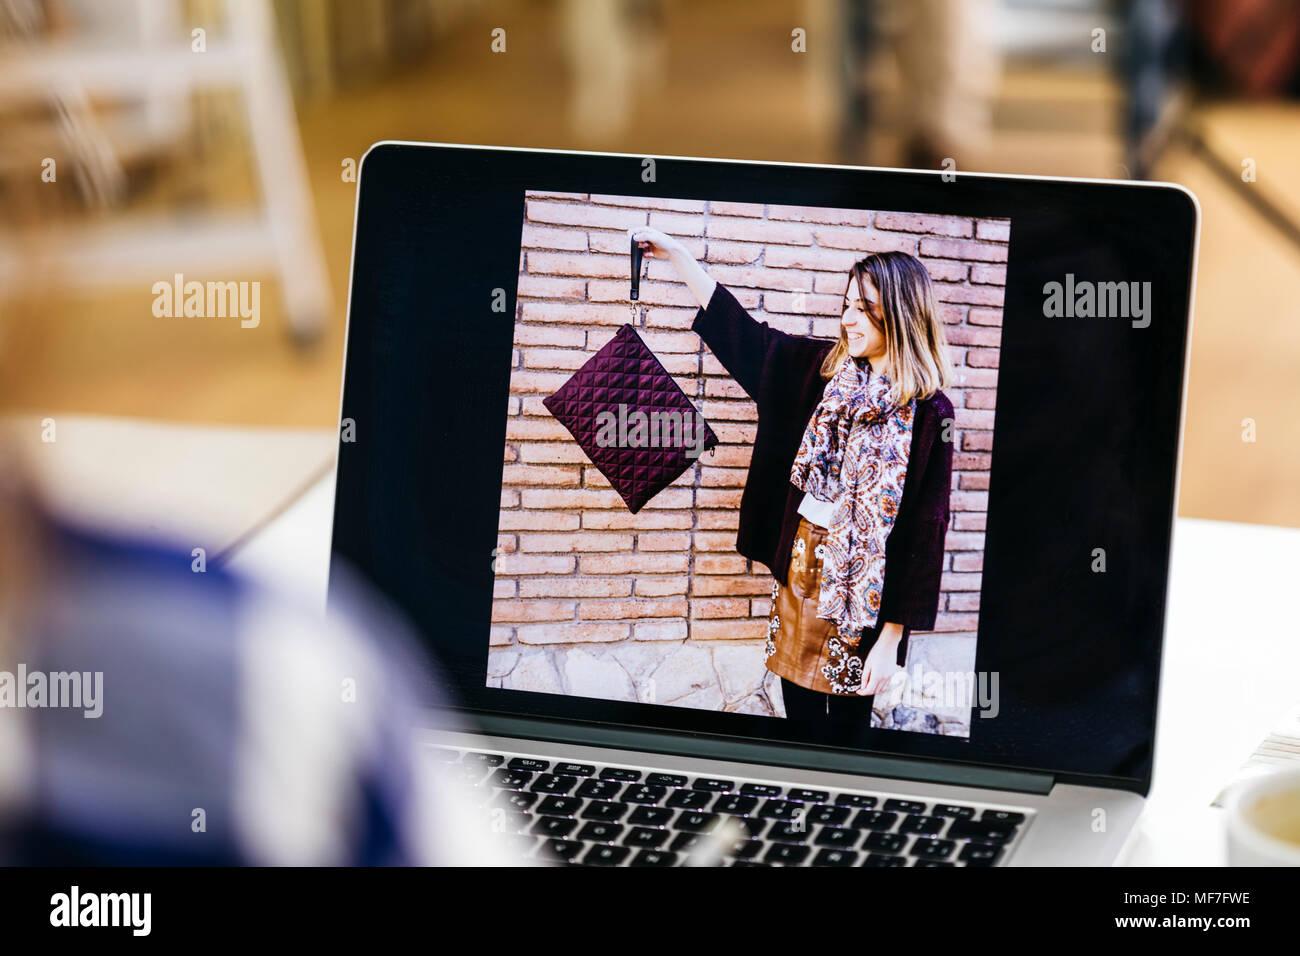 Foto von Frau mit Tasche auf dem Laptop Bildschirm Stockbild